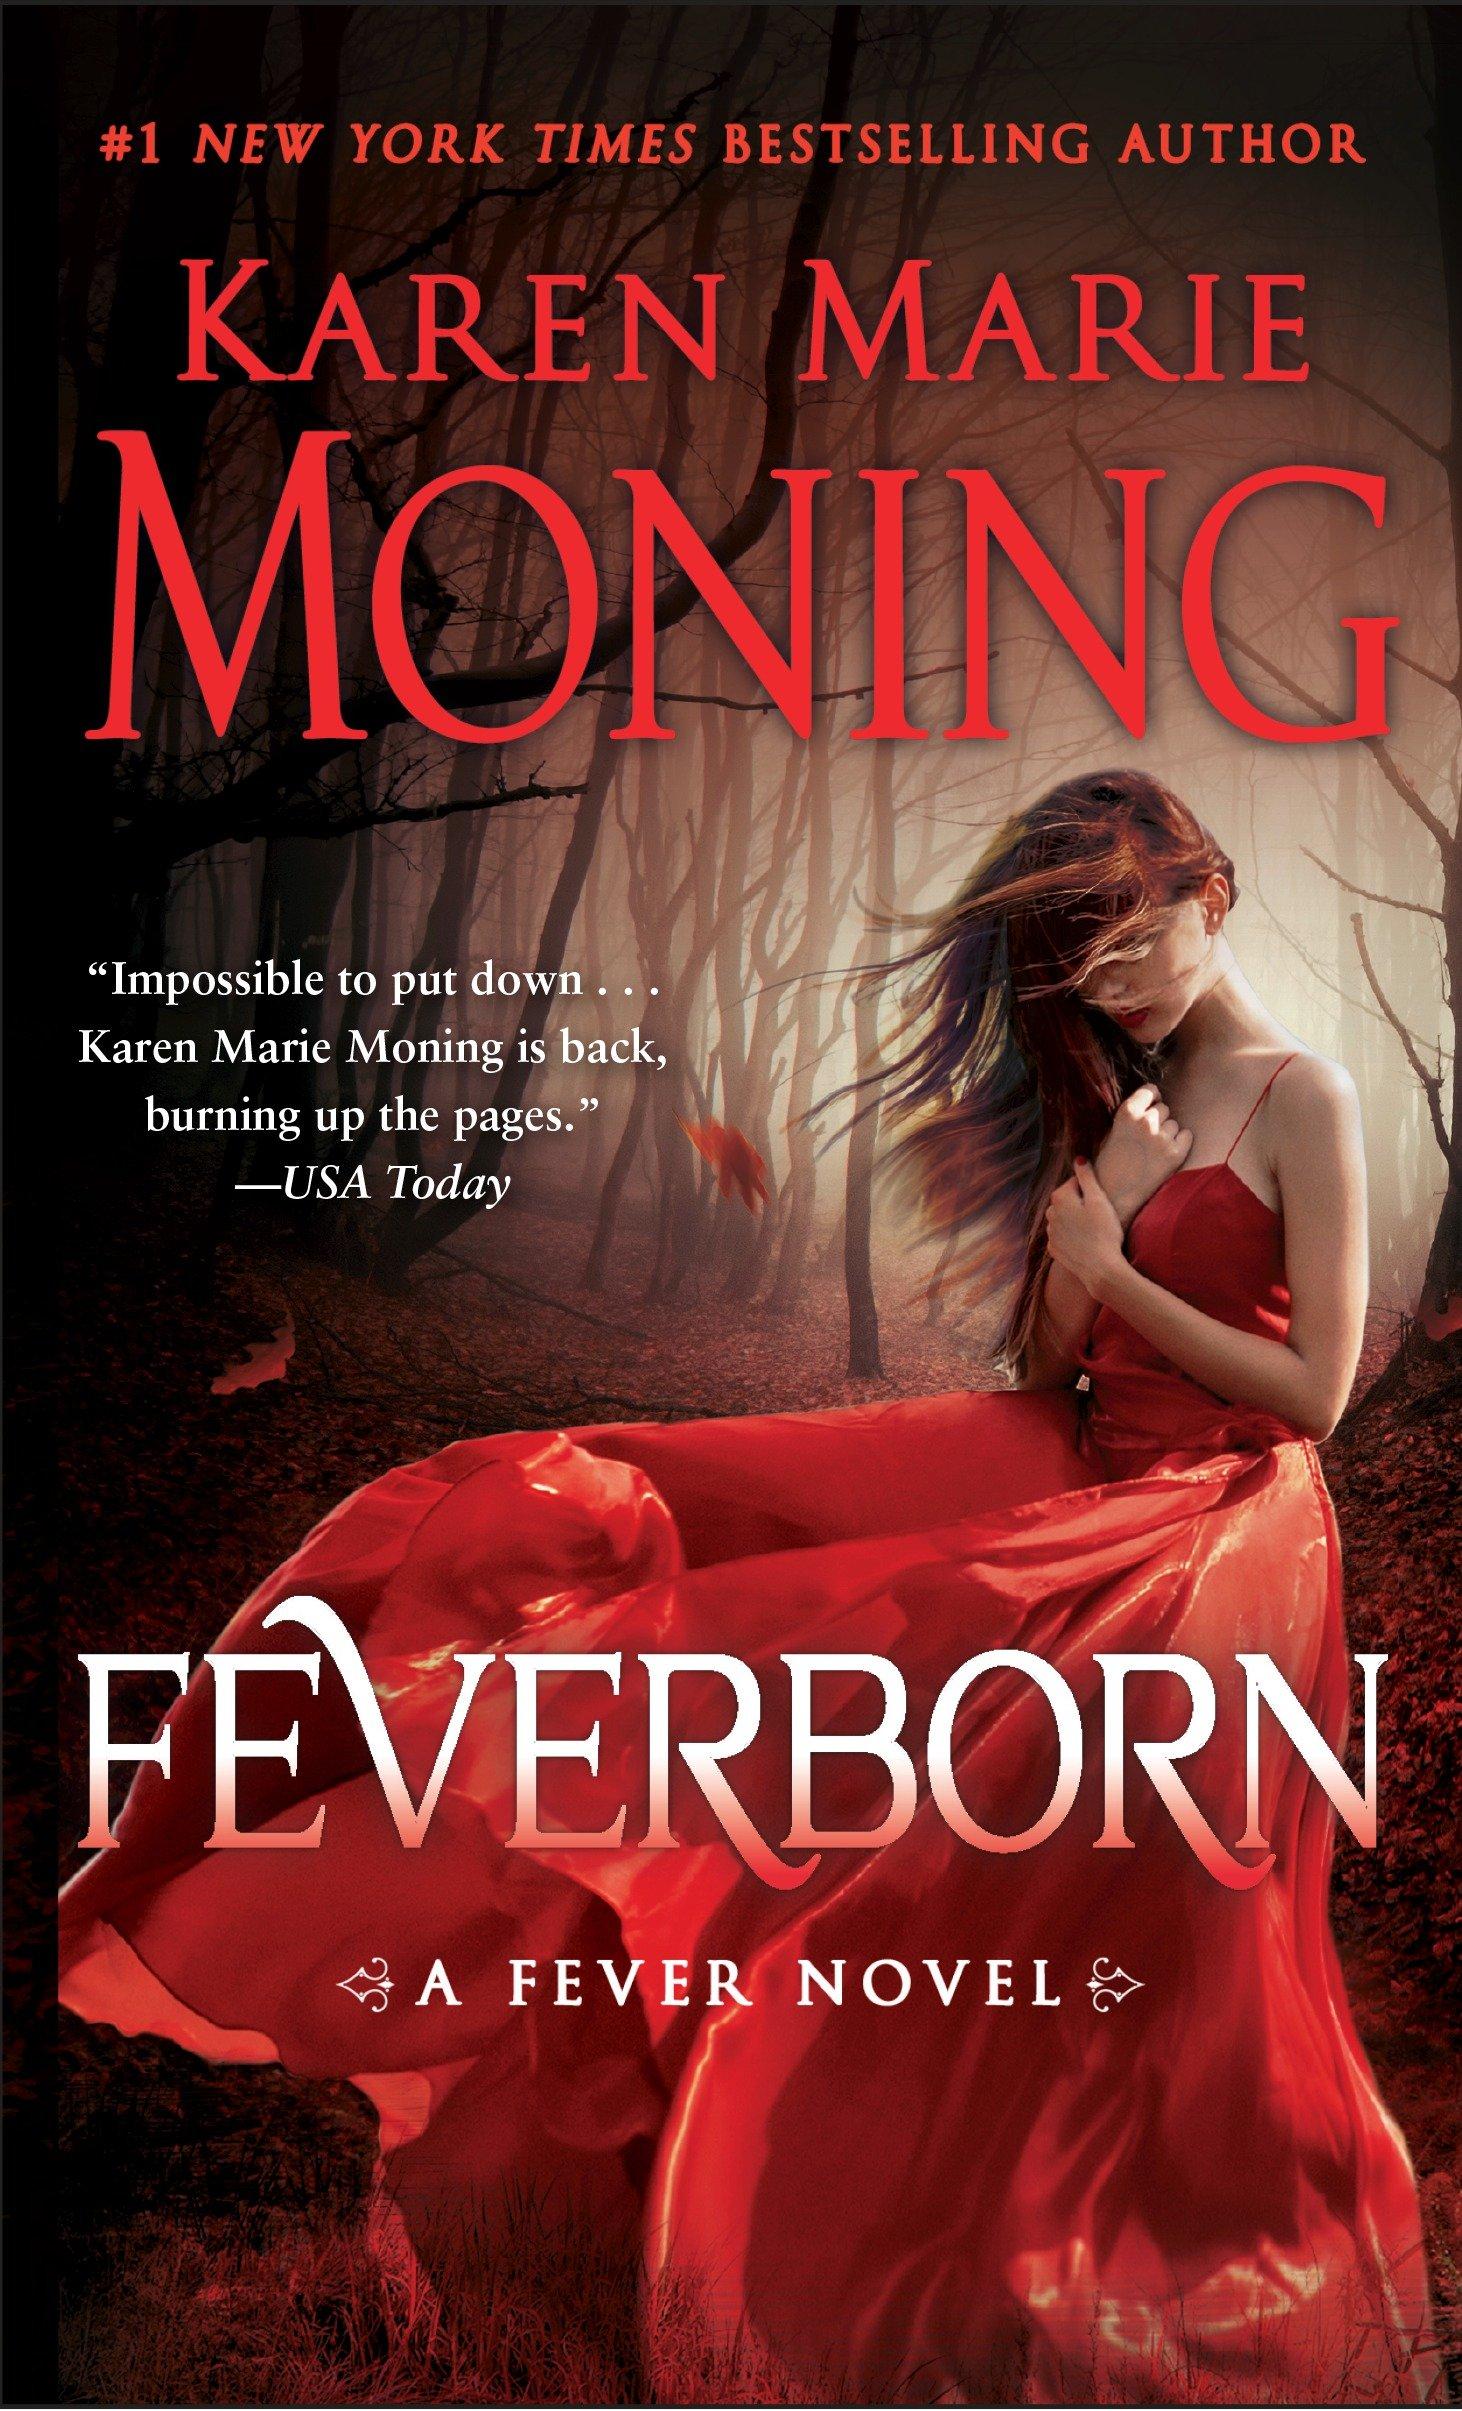 Feverborn : a fever novel